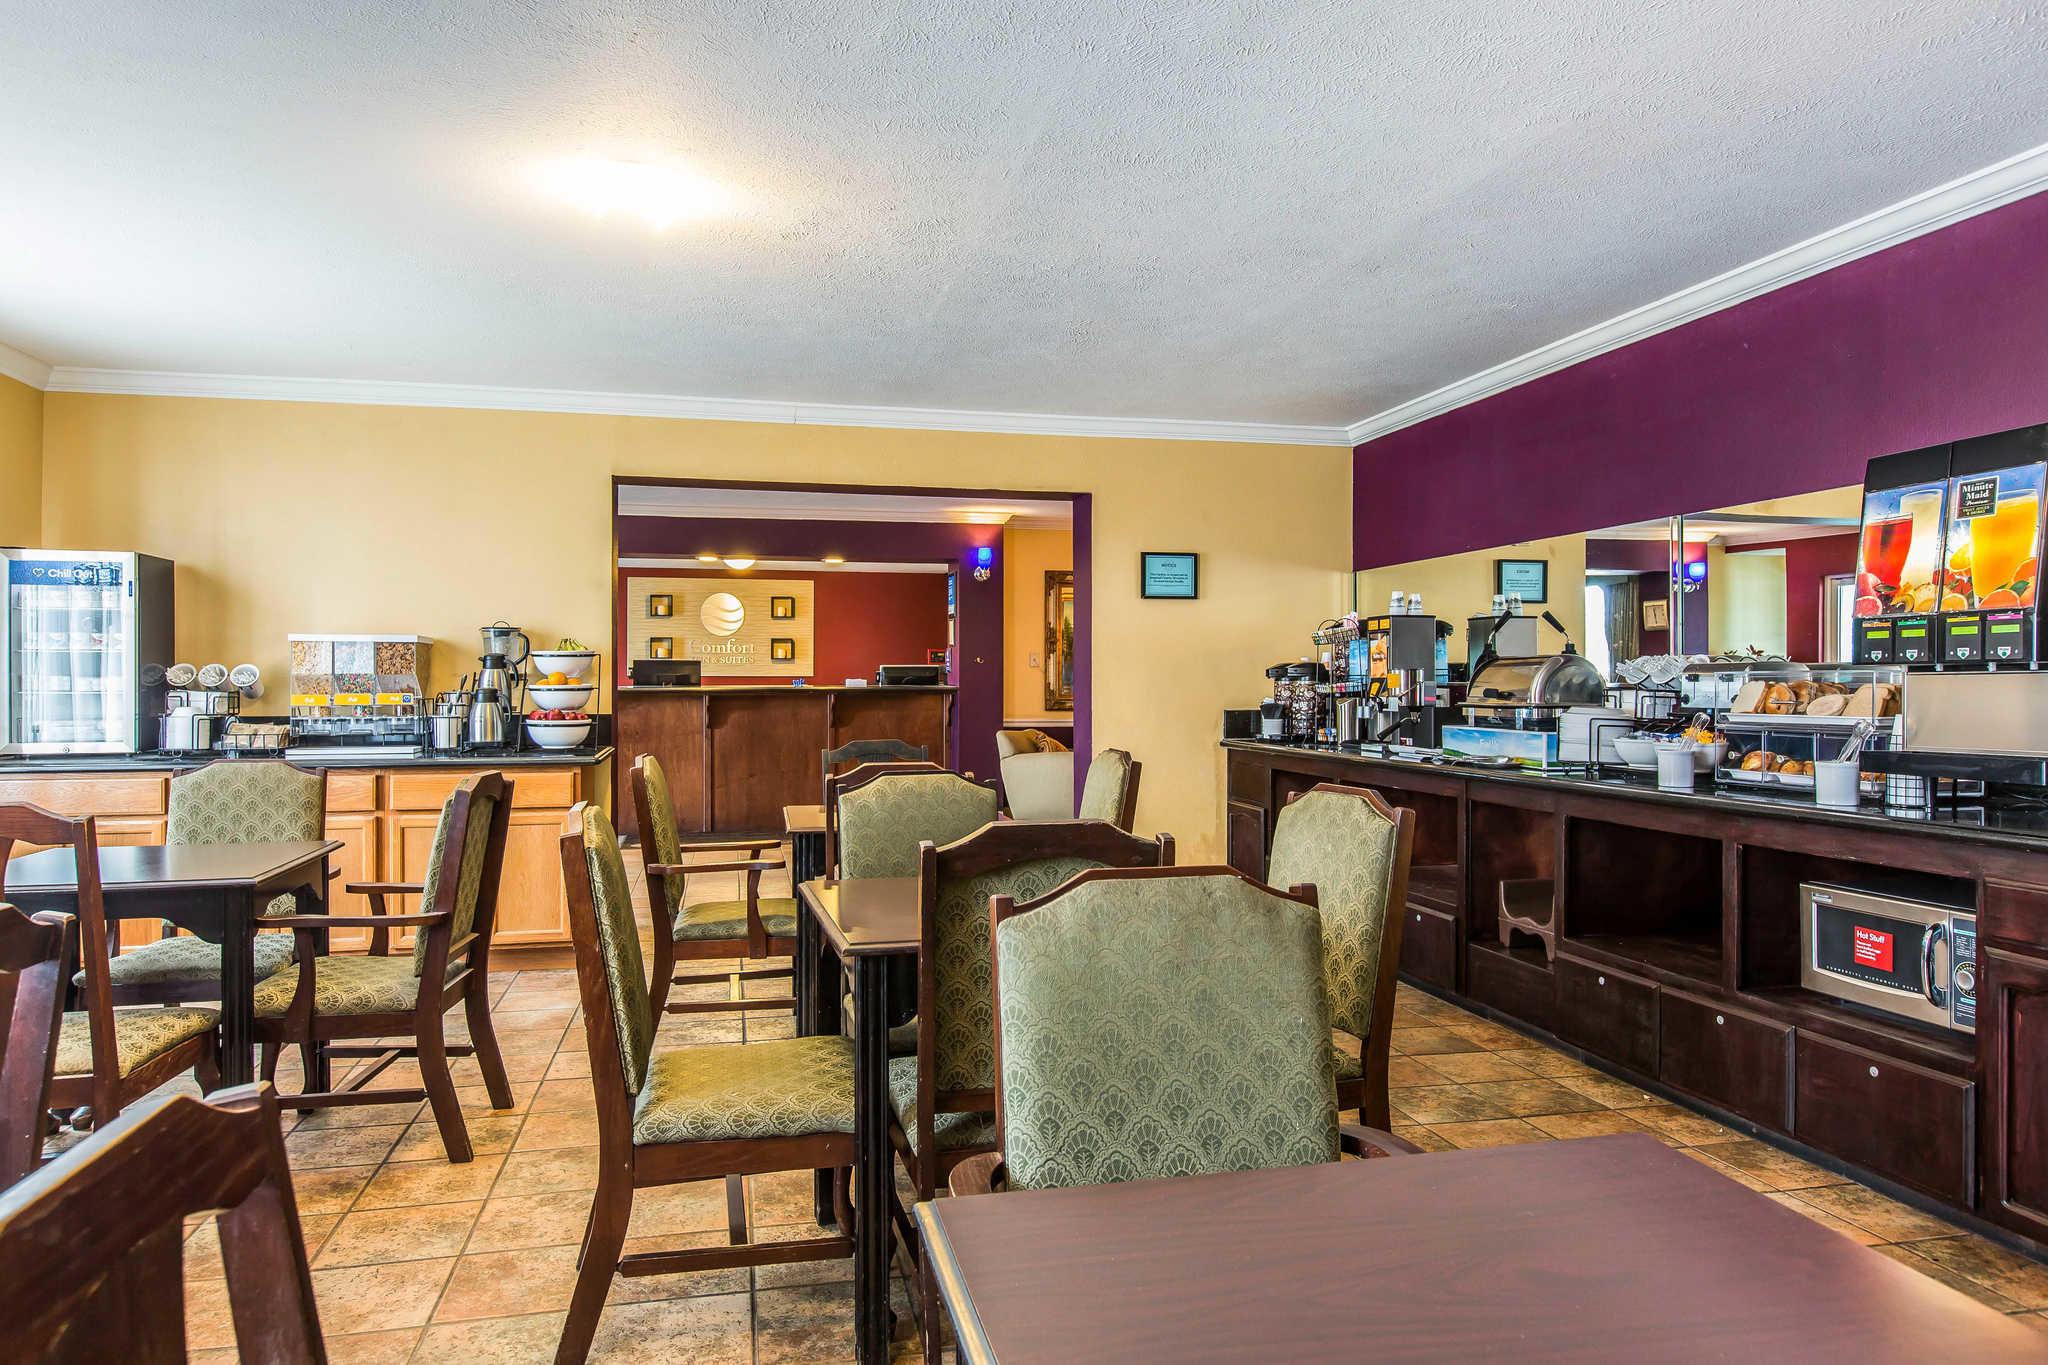 Comfort Inn & Suites El Centro I-8 image 31